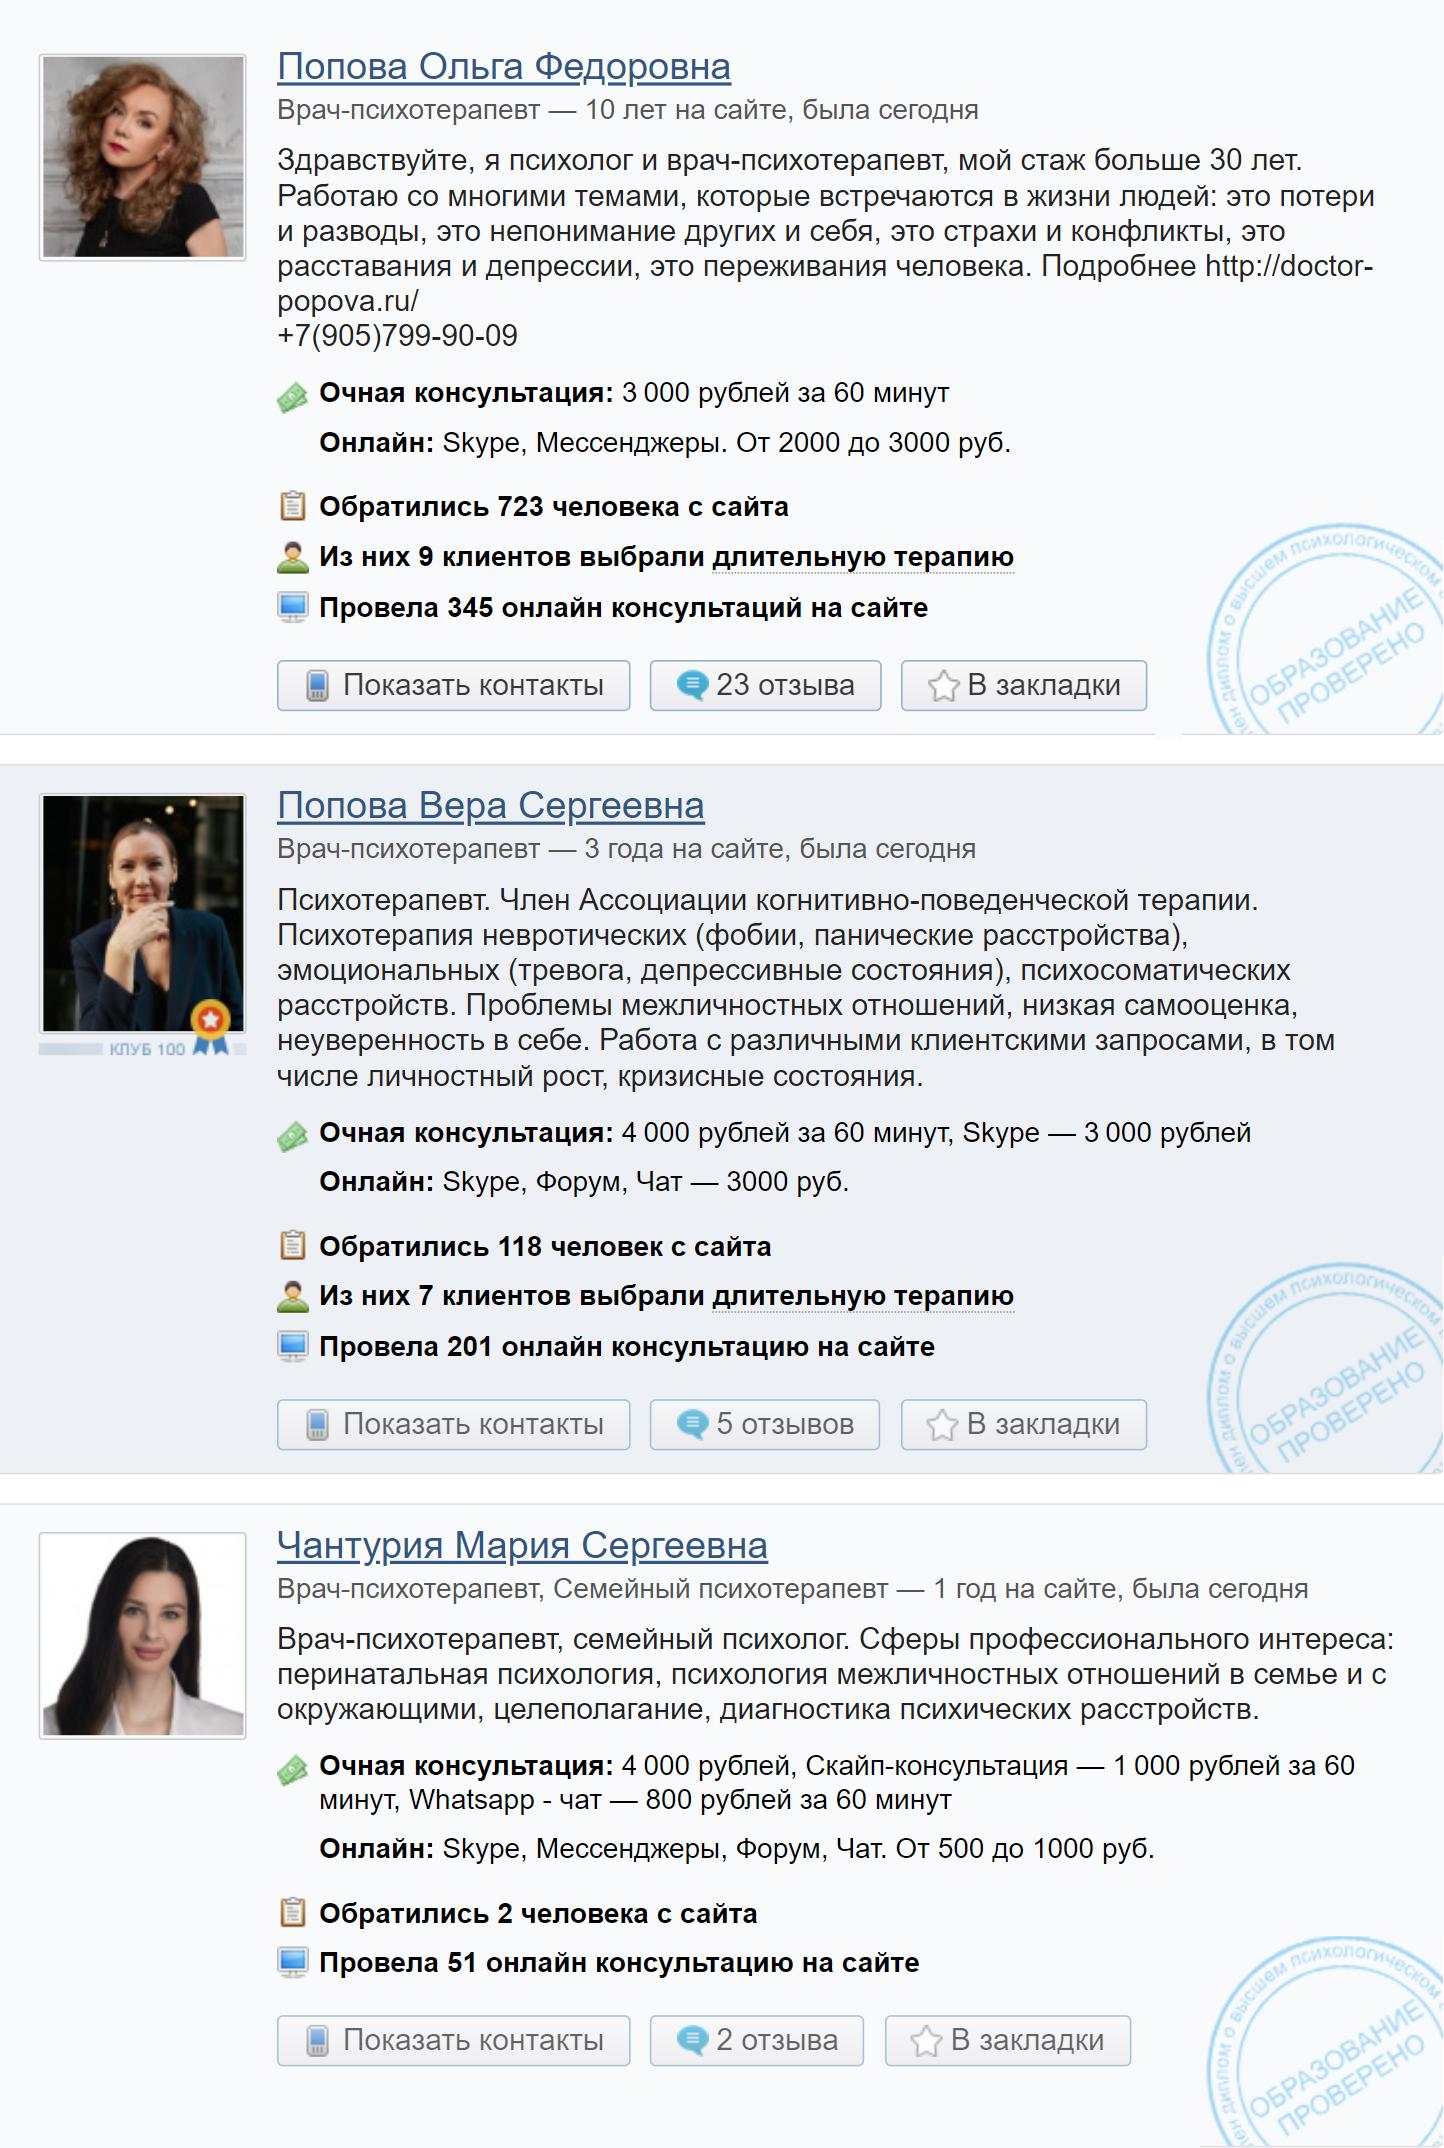 Выглядит b17 для 2020 года совсем неважно, фильтры работают плохо, но это все еще самый большой в России список специалистов в нашей отрасли. Источник: b17.ru